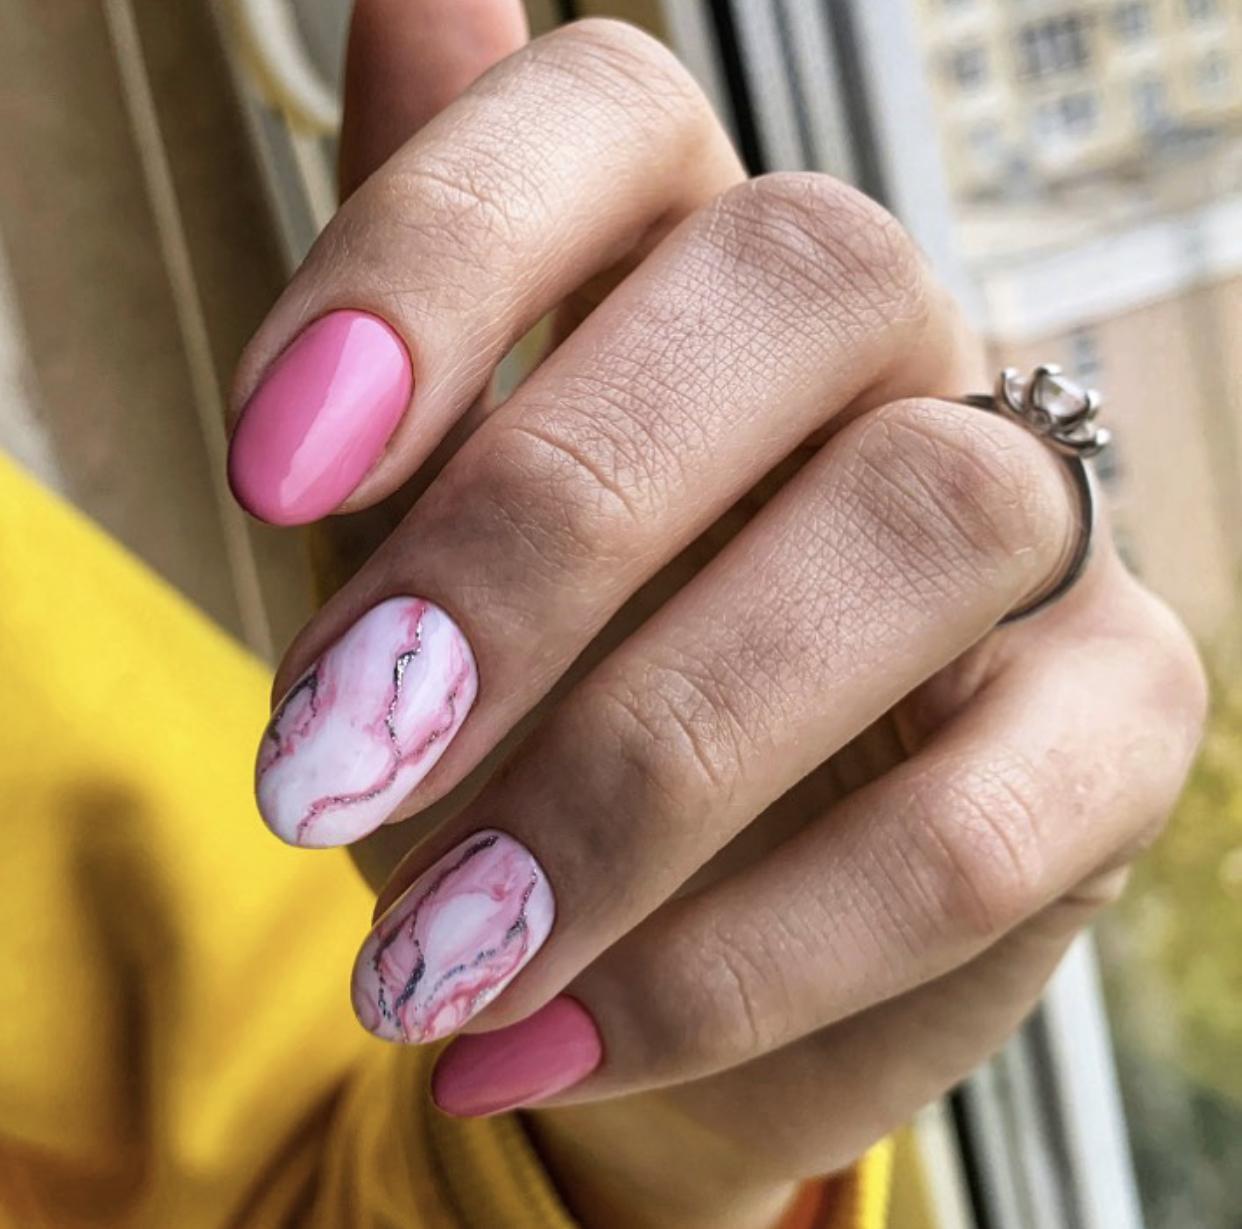 Маникюр с мраморным дизайном в розовом цвете на короткие ногти.